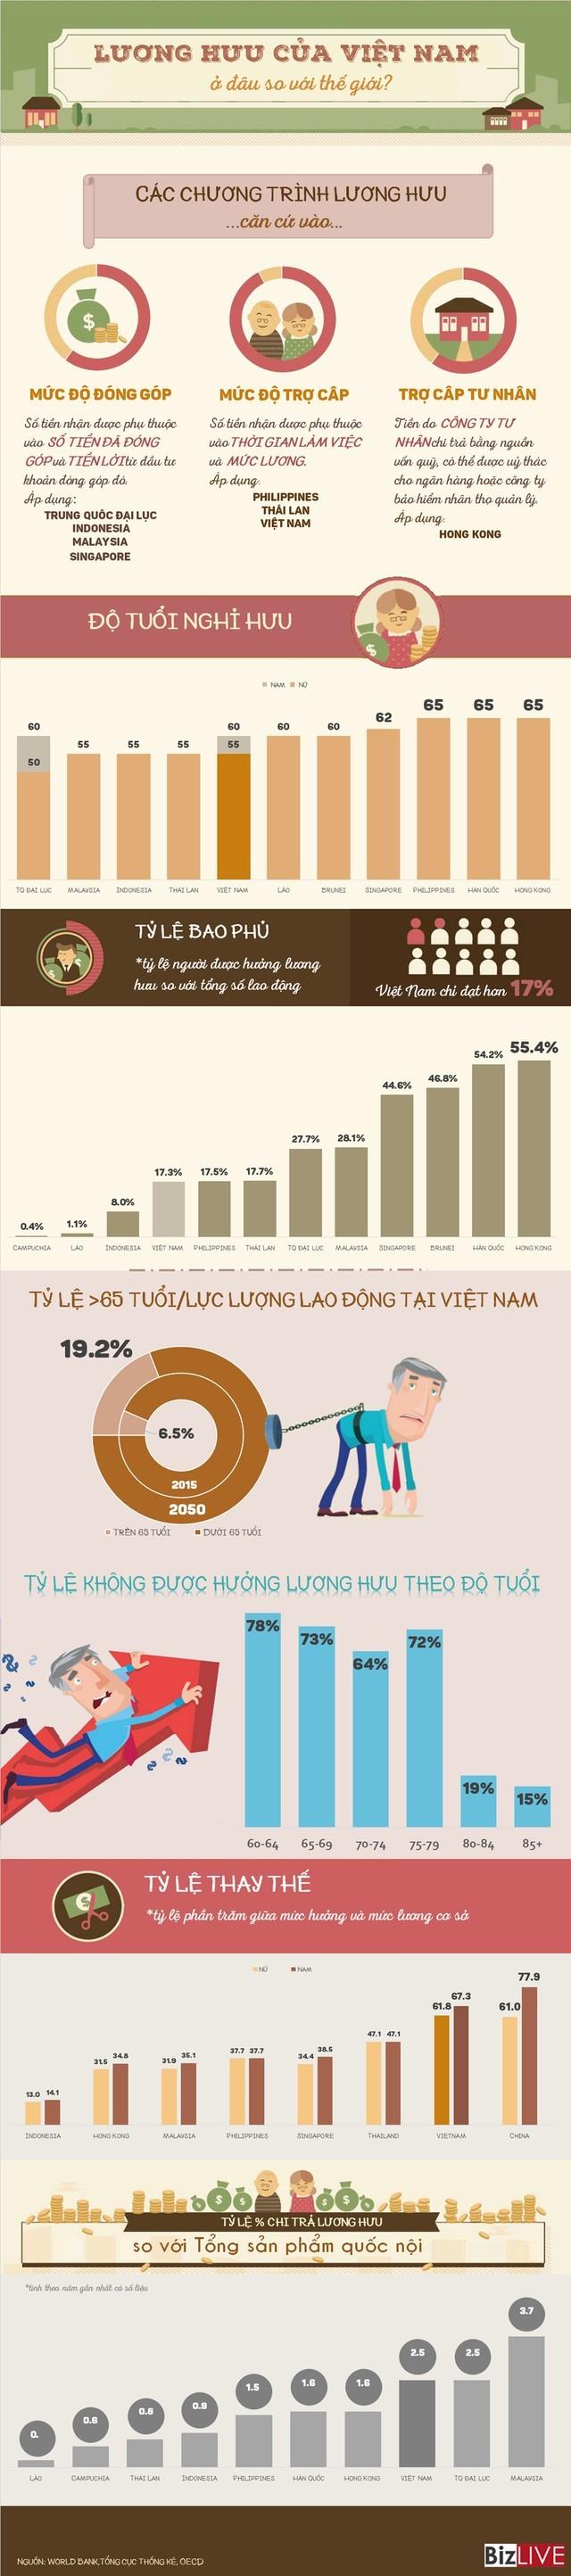 Lương hưu của Việt Nam đang ở đâu trong khu vực? ảnh 1